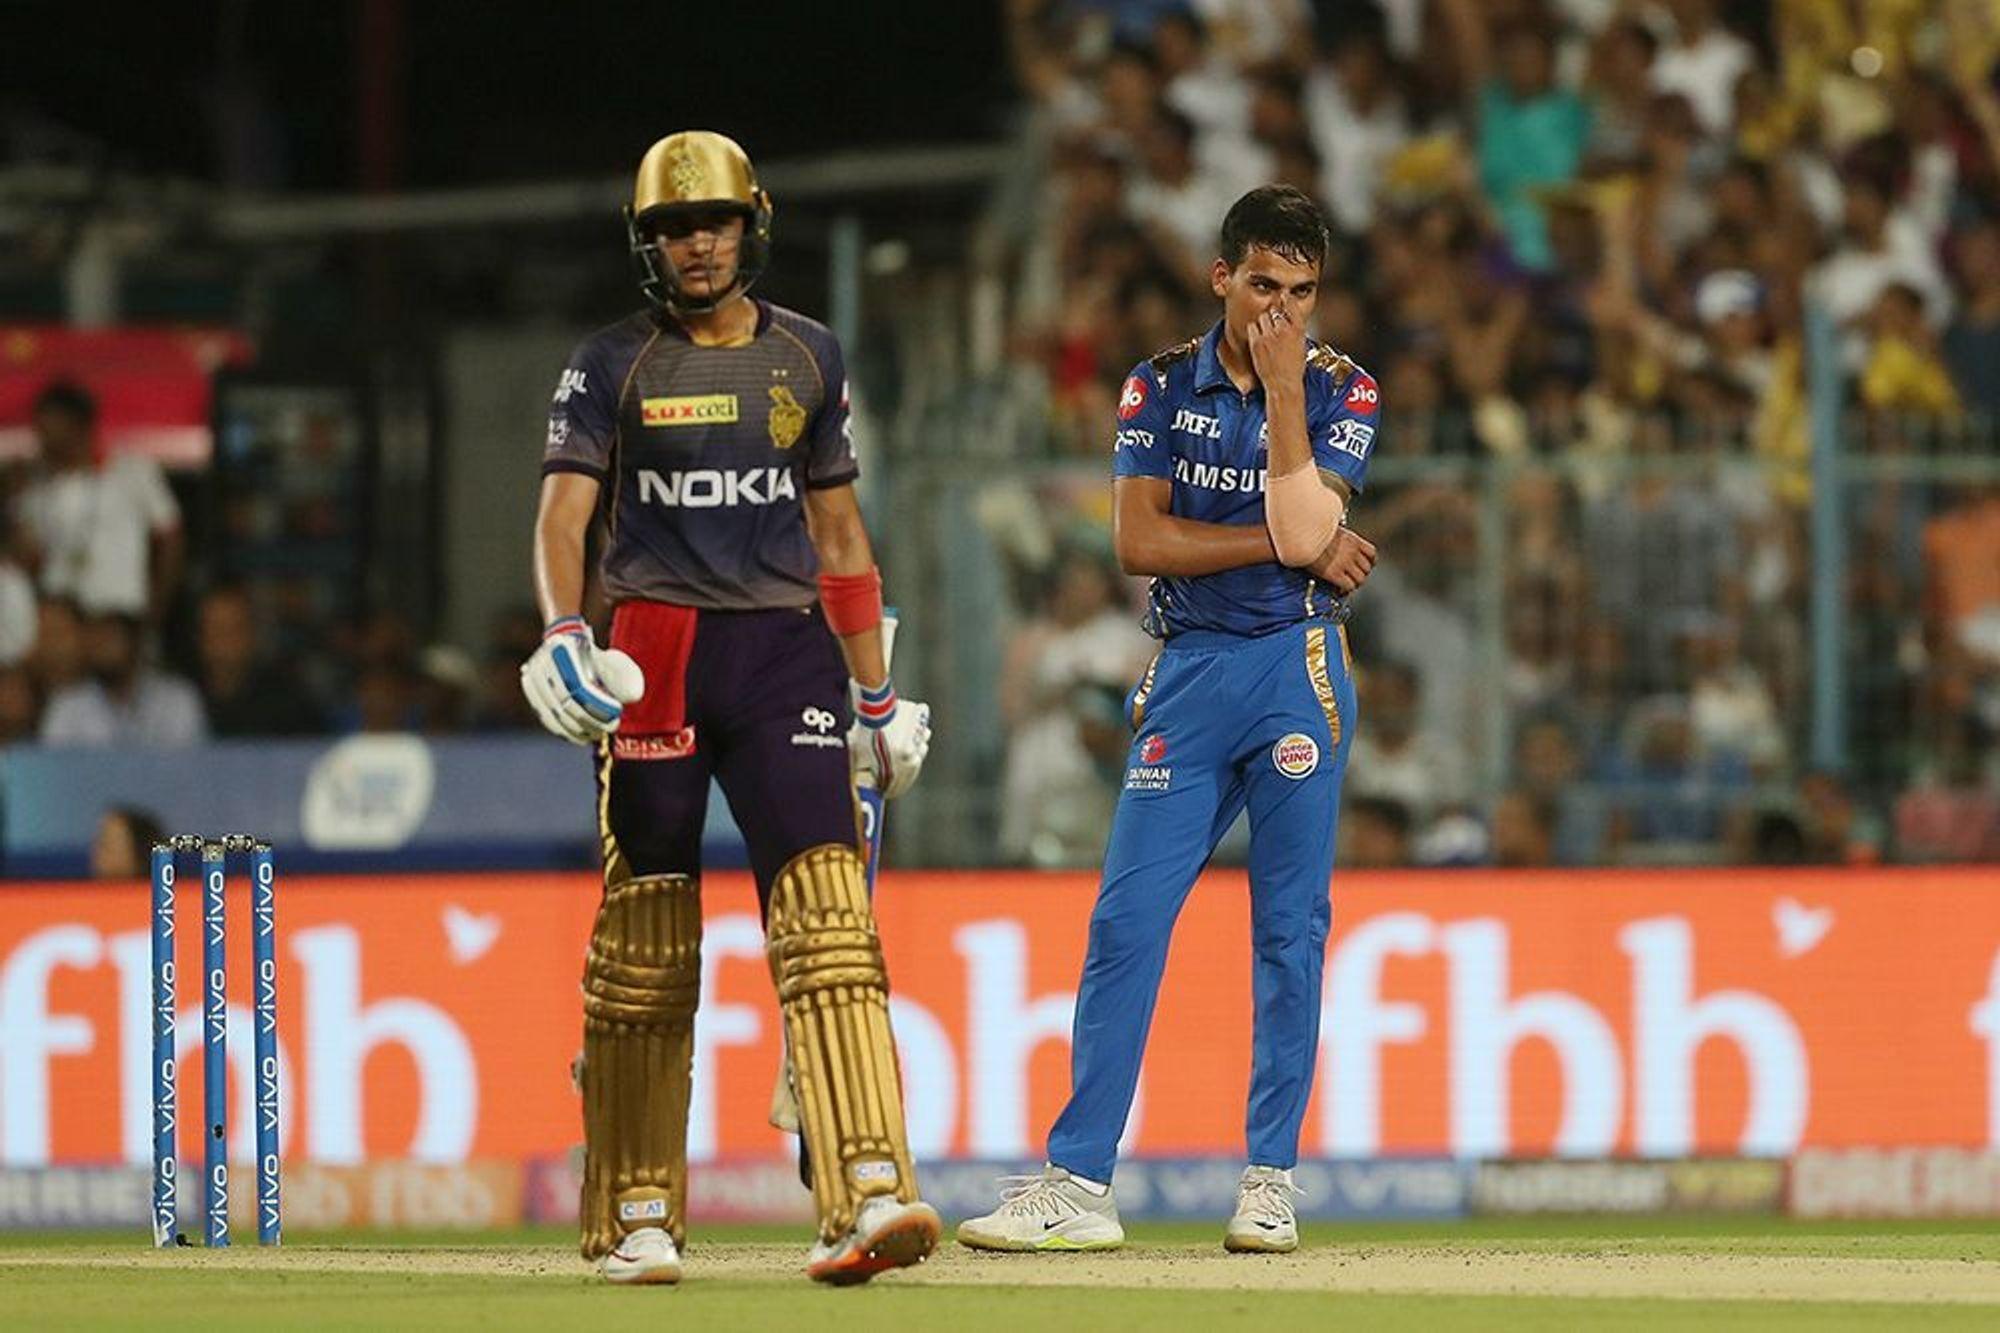 आईपीएल 2019: राहुल चाहर ने खोला अपनी शानदार गेंदबाजी का राज, चेन्नई सुपर किंग्स के इस गेंदबाज से फोन पर लेते हैं टिप्स 3